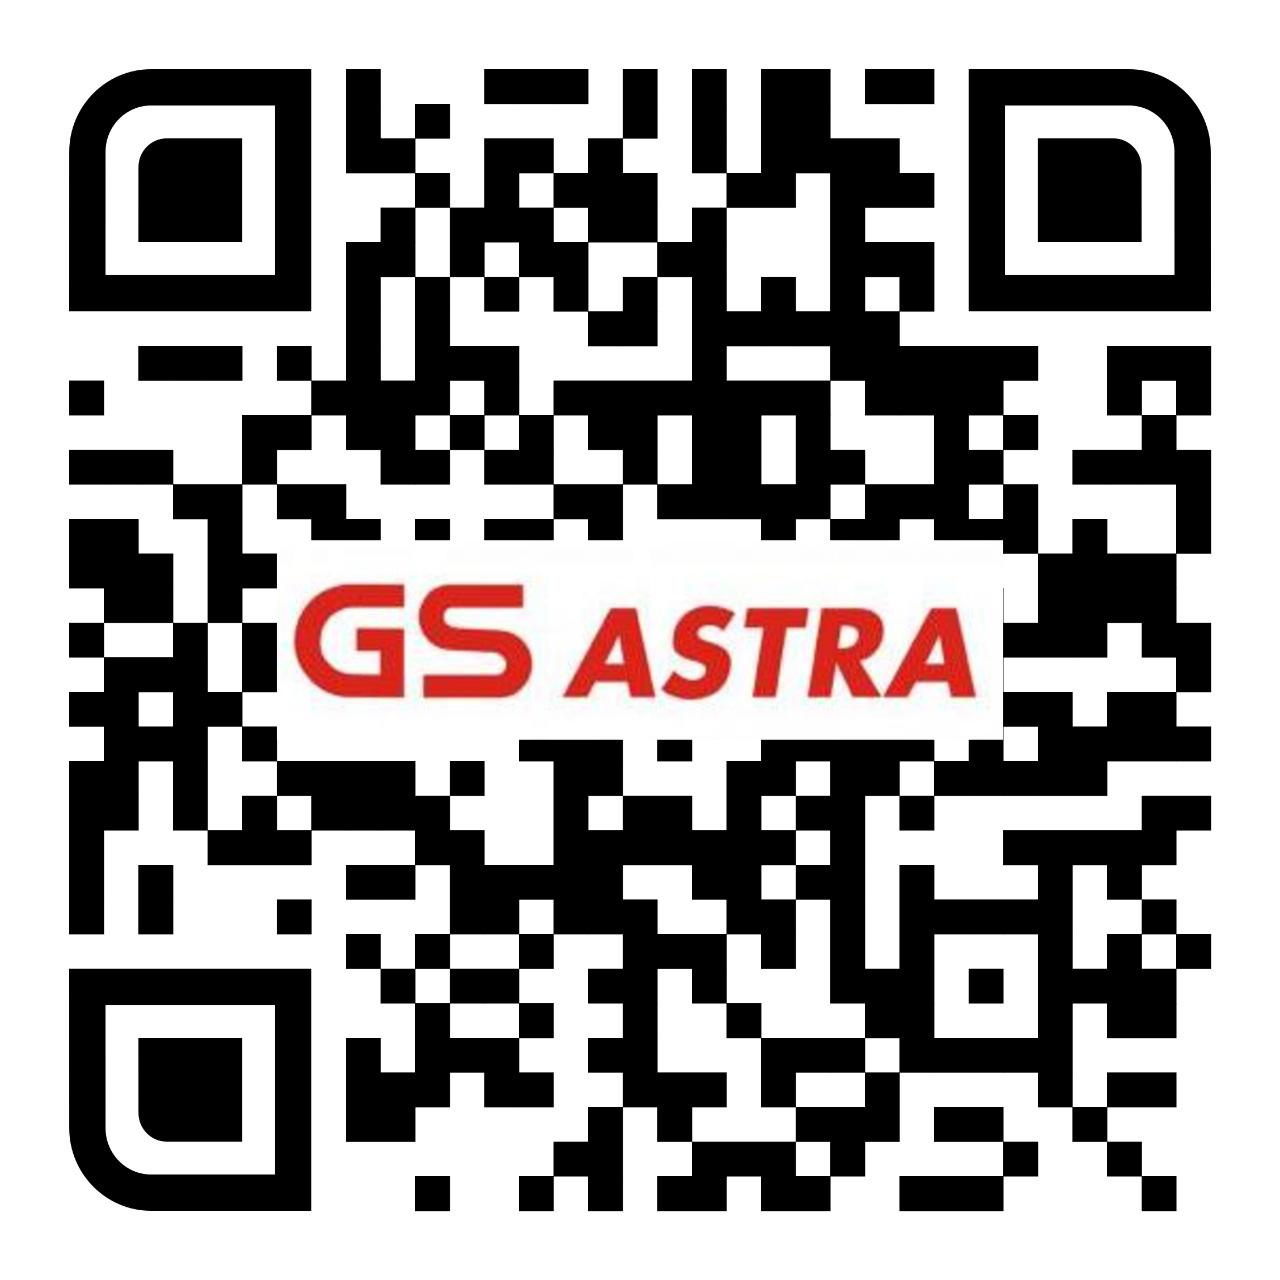 43 Tahun GS Astra Bagi-bagi 43 Ribu Voucher Pulsa Senilai Rp 500 Juta